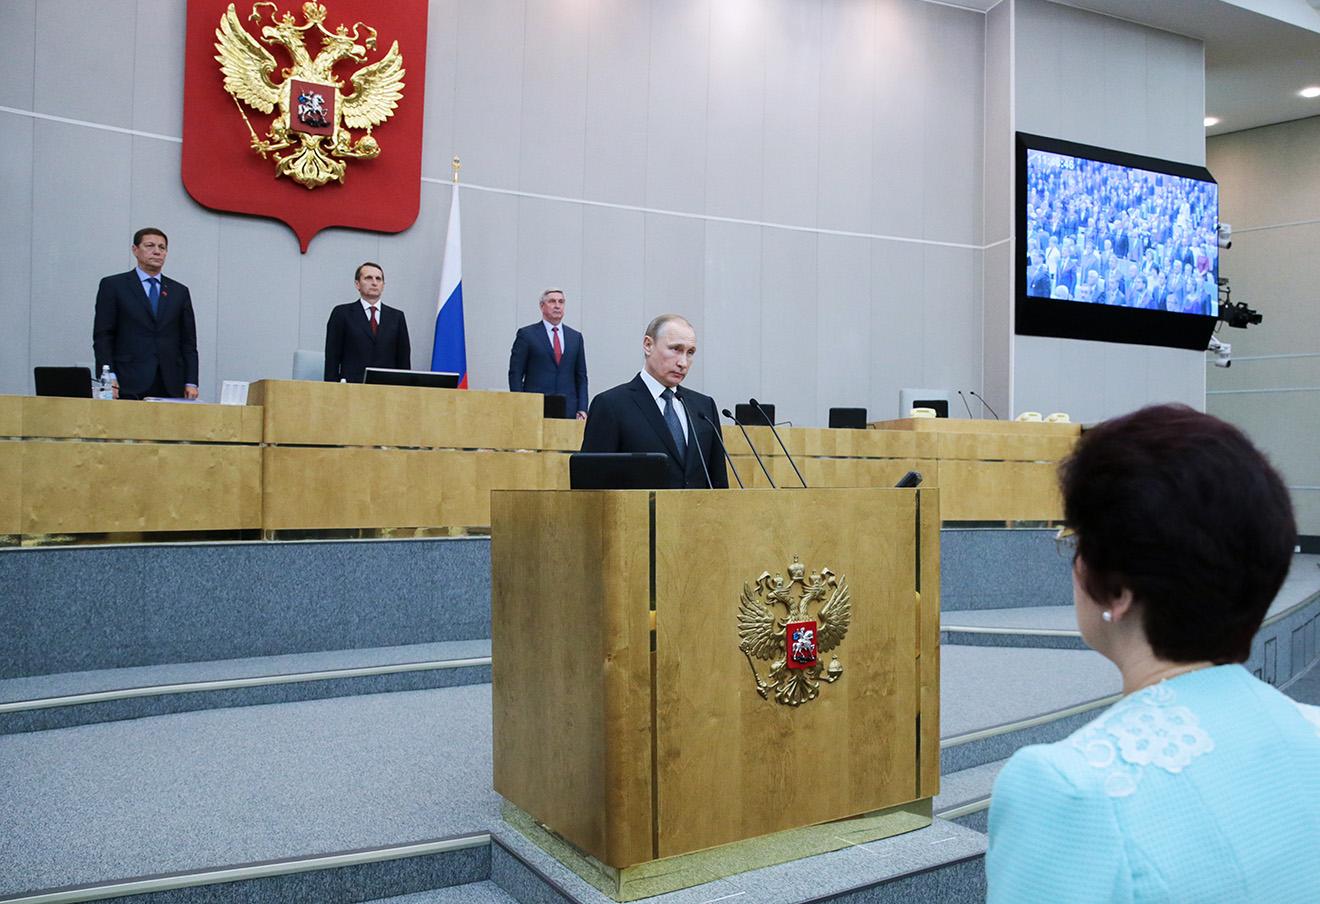 Владимир Путин на пленарном заседании Государственной думы РФ.